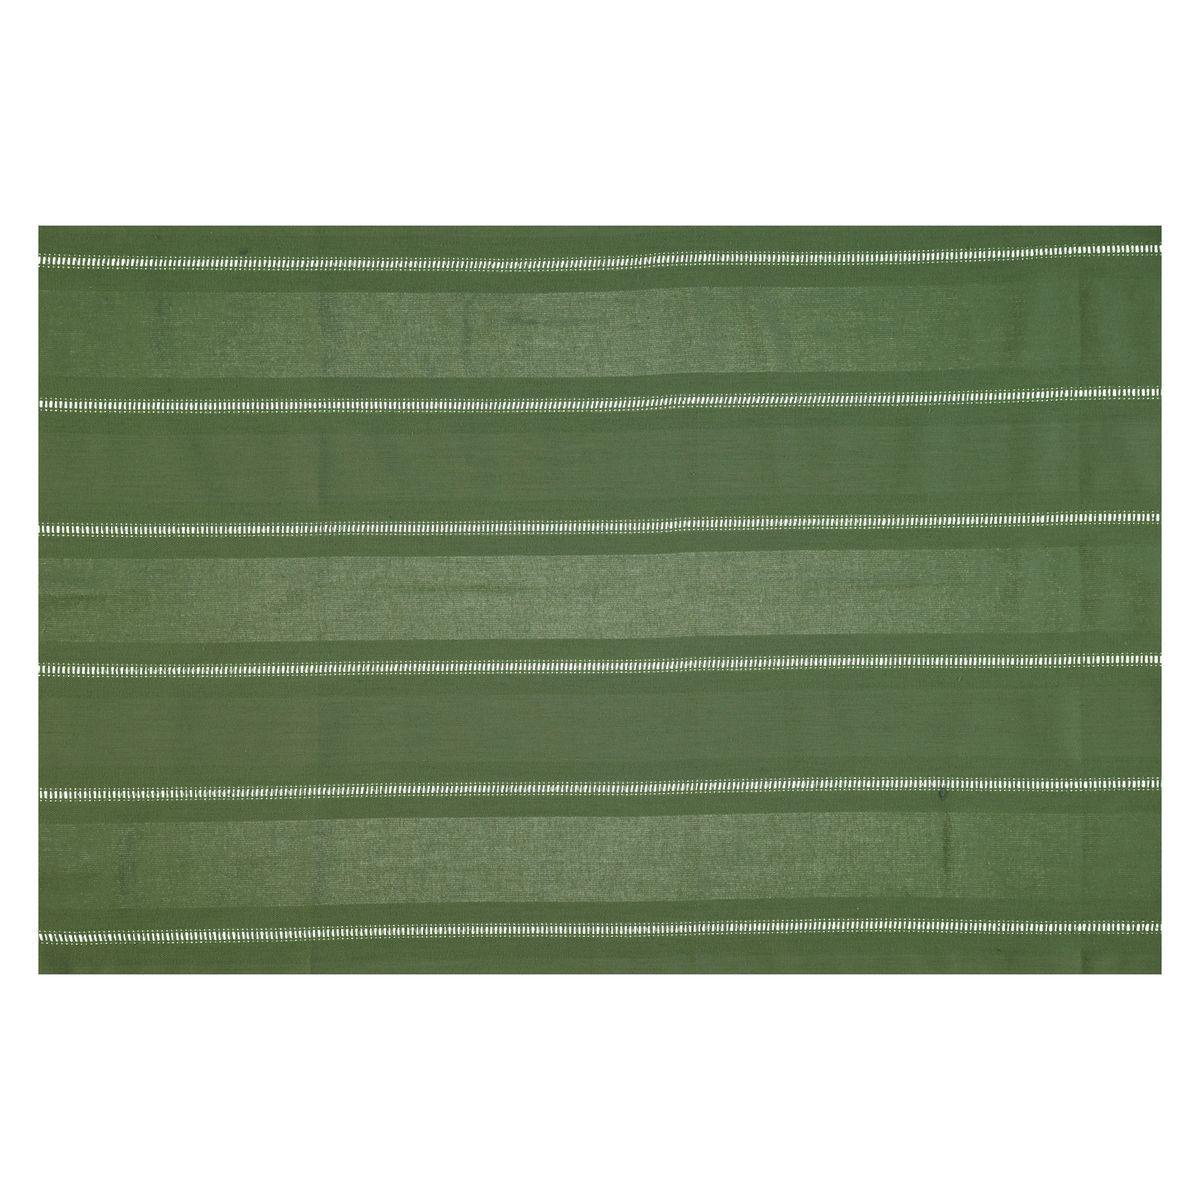 Peştemal Ajurlu - Yeşil